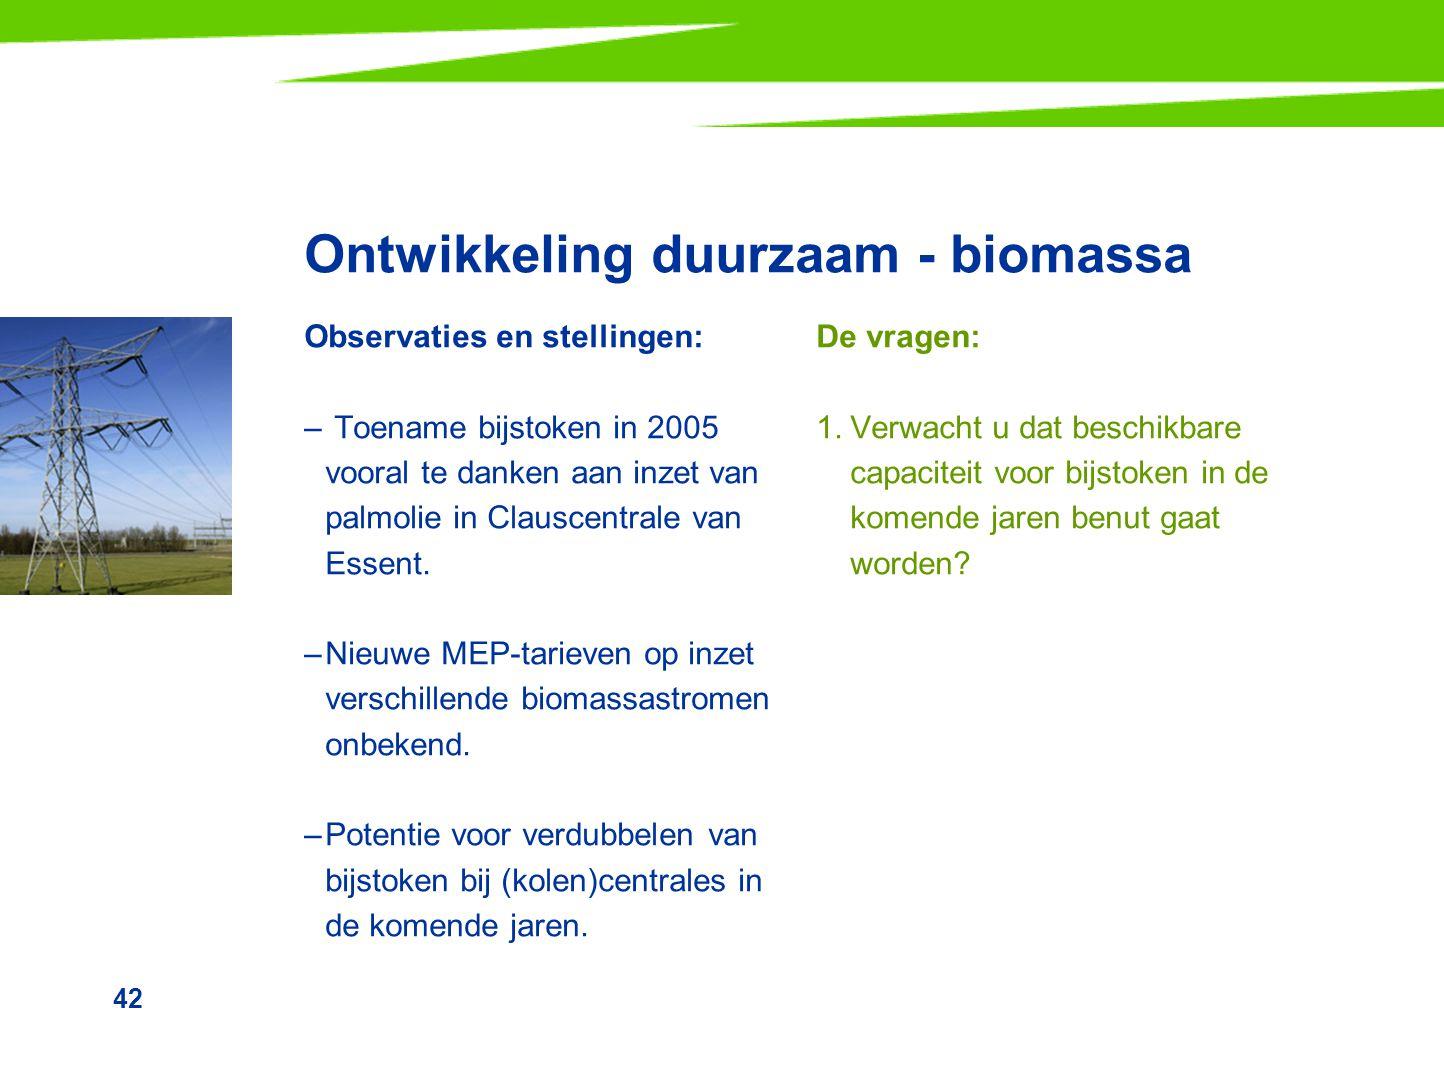 42 Ontwikkeling duurzaam - biomassa Observaties en stellingen: – Toename bijstoken in 2005 vooral te danken aan inzet van palmolie in Clauscentrale va